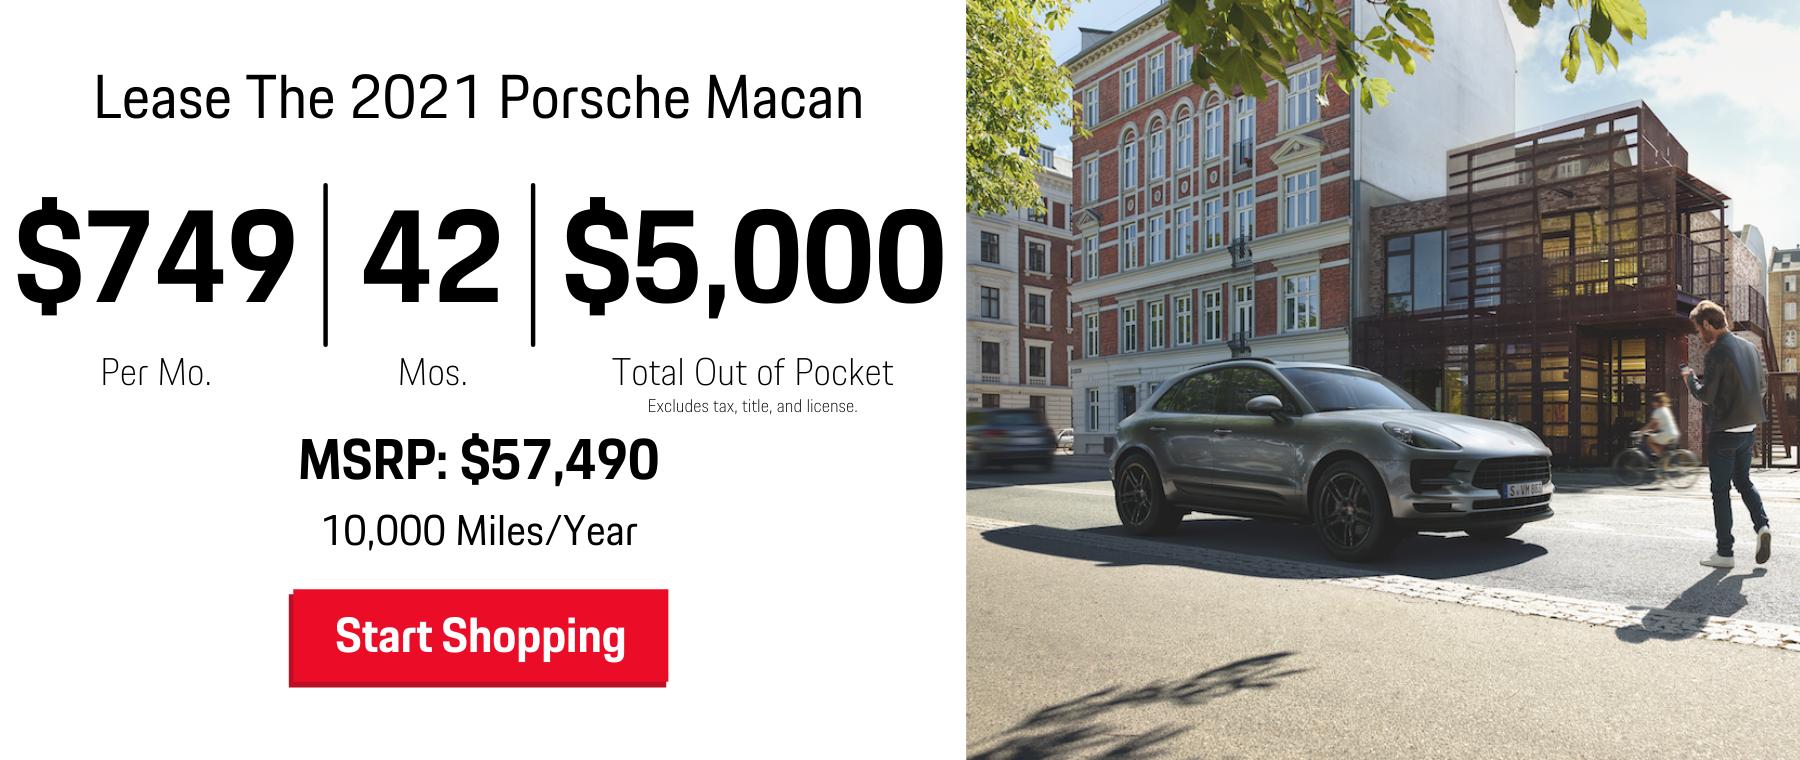 Porsche Greenwich 2021 Porsche Macan 7921 (8)